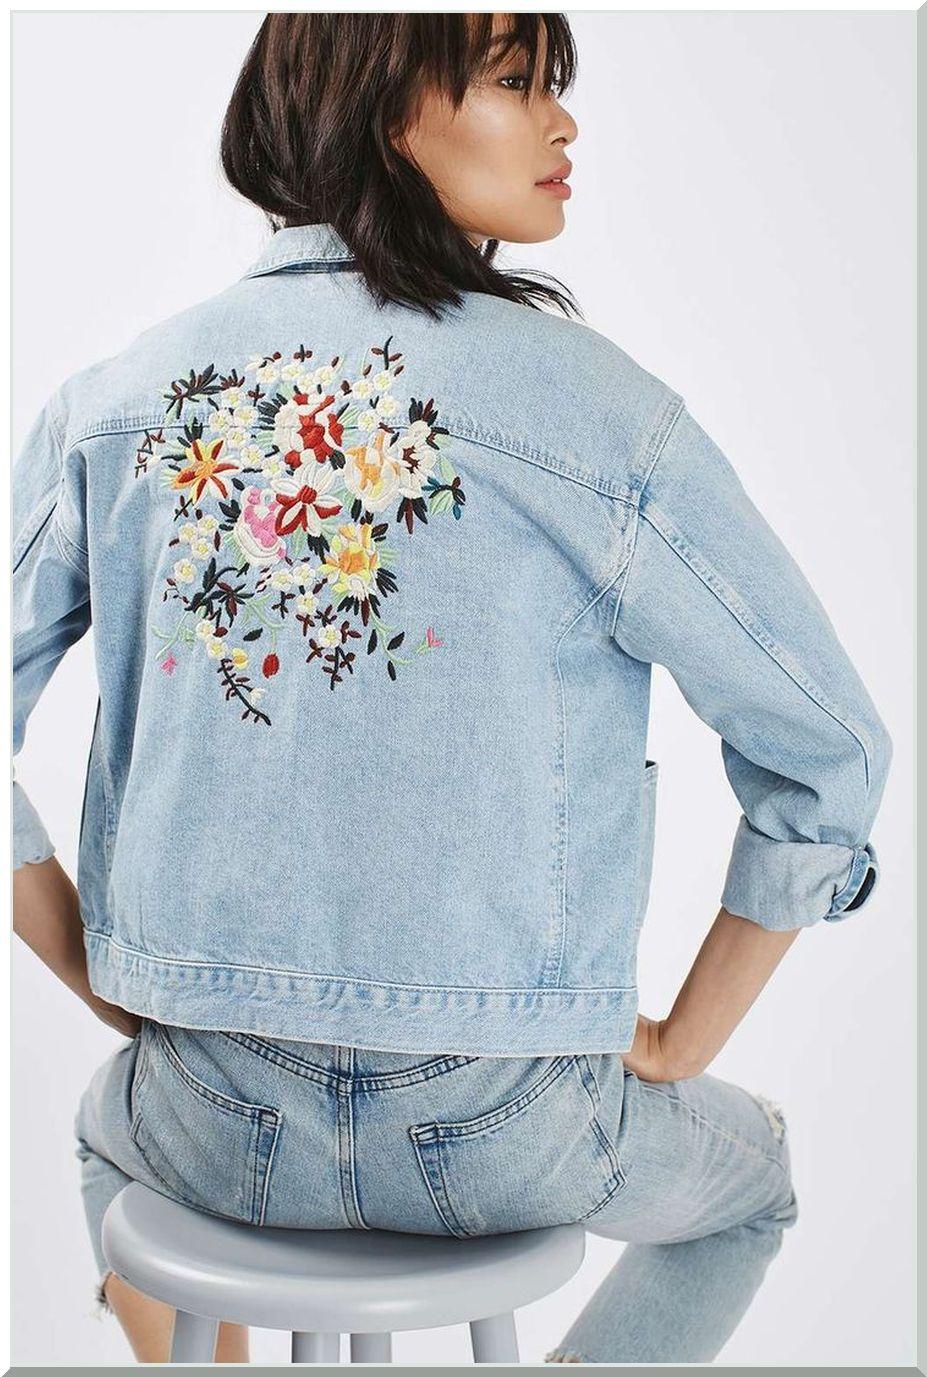 Модные тенденции в одежде куртка с вышевкой2